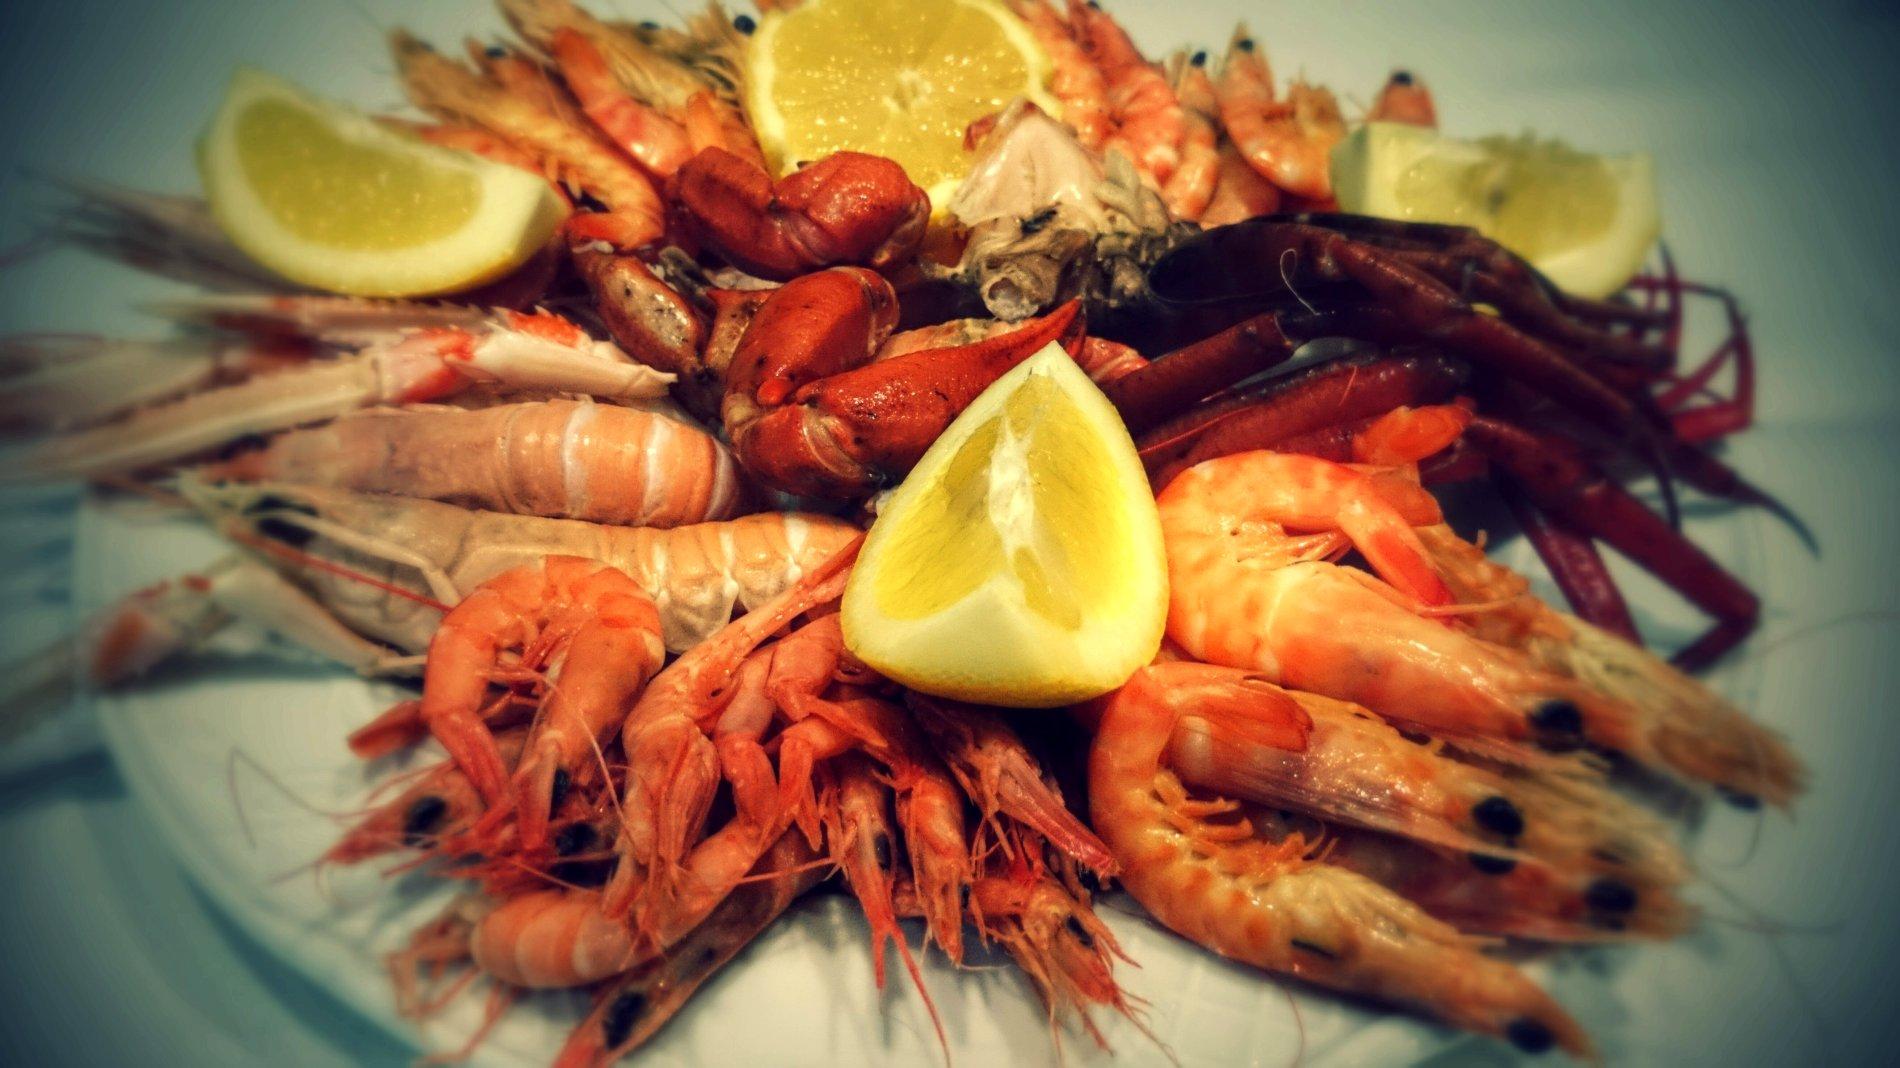 Marisca de Huelva